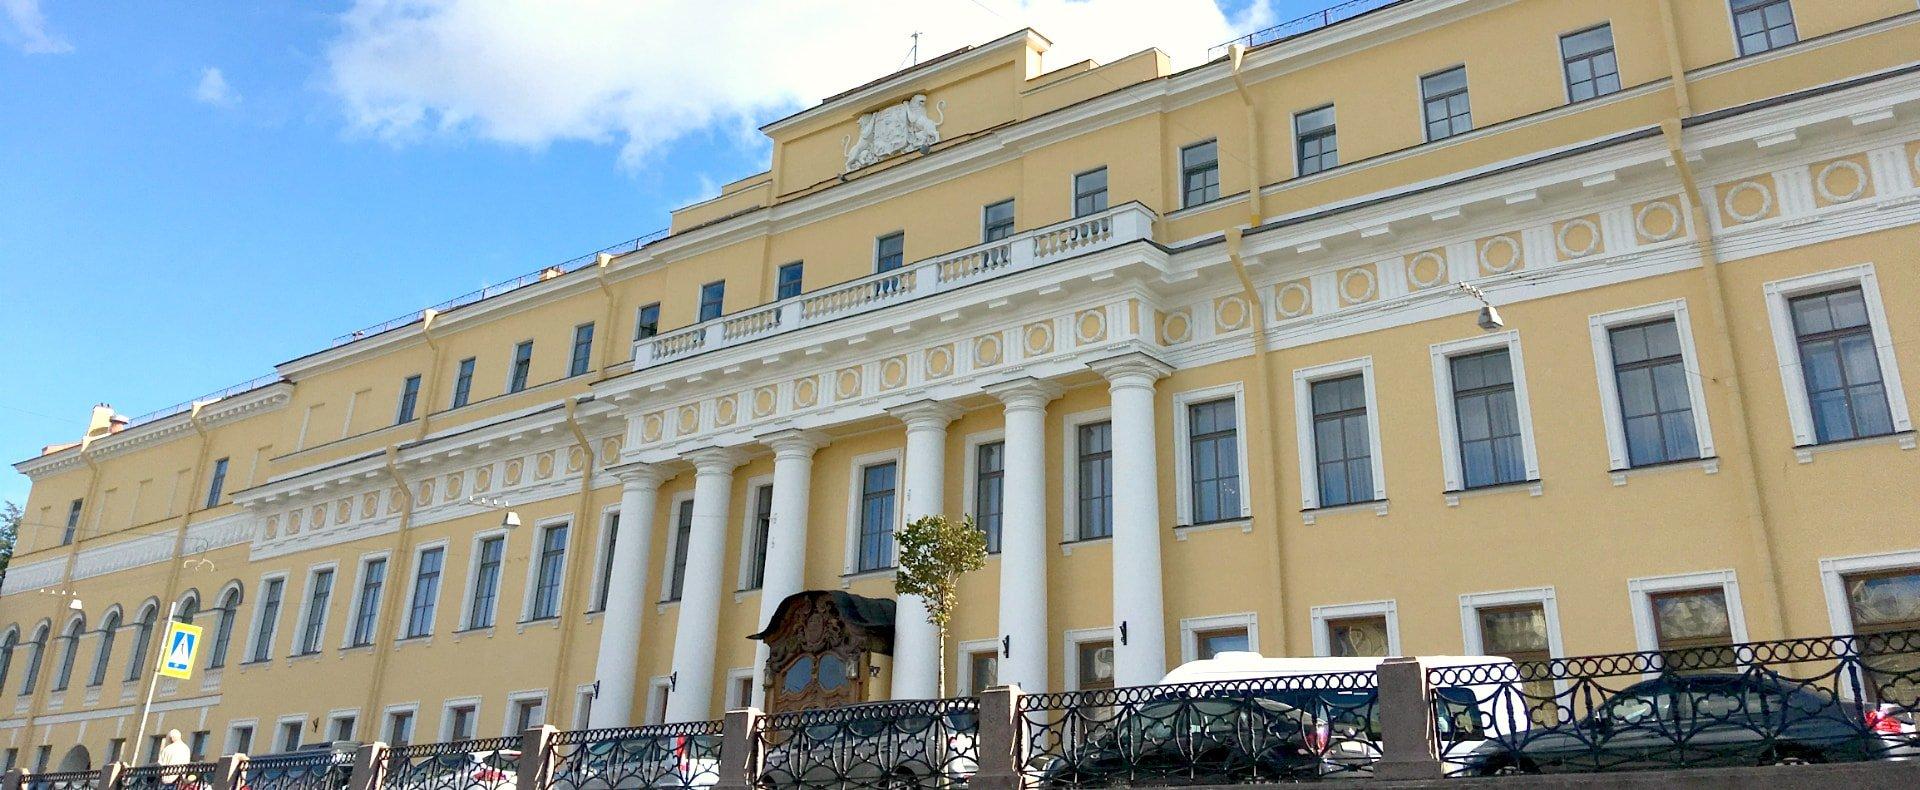 Yusupov Palace, St. Petersburg